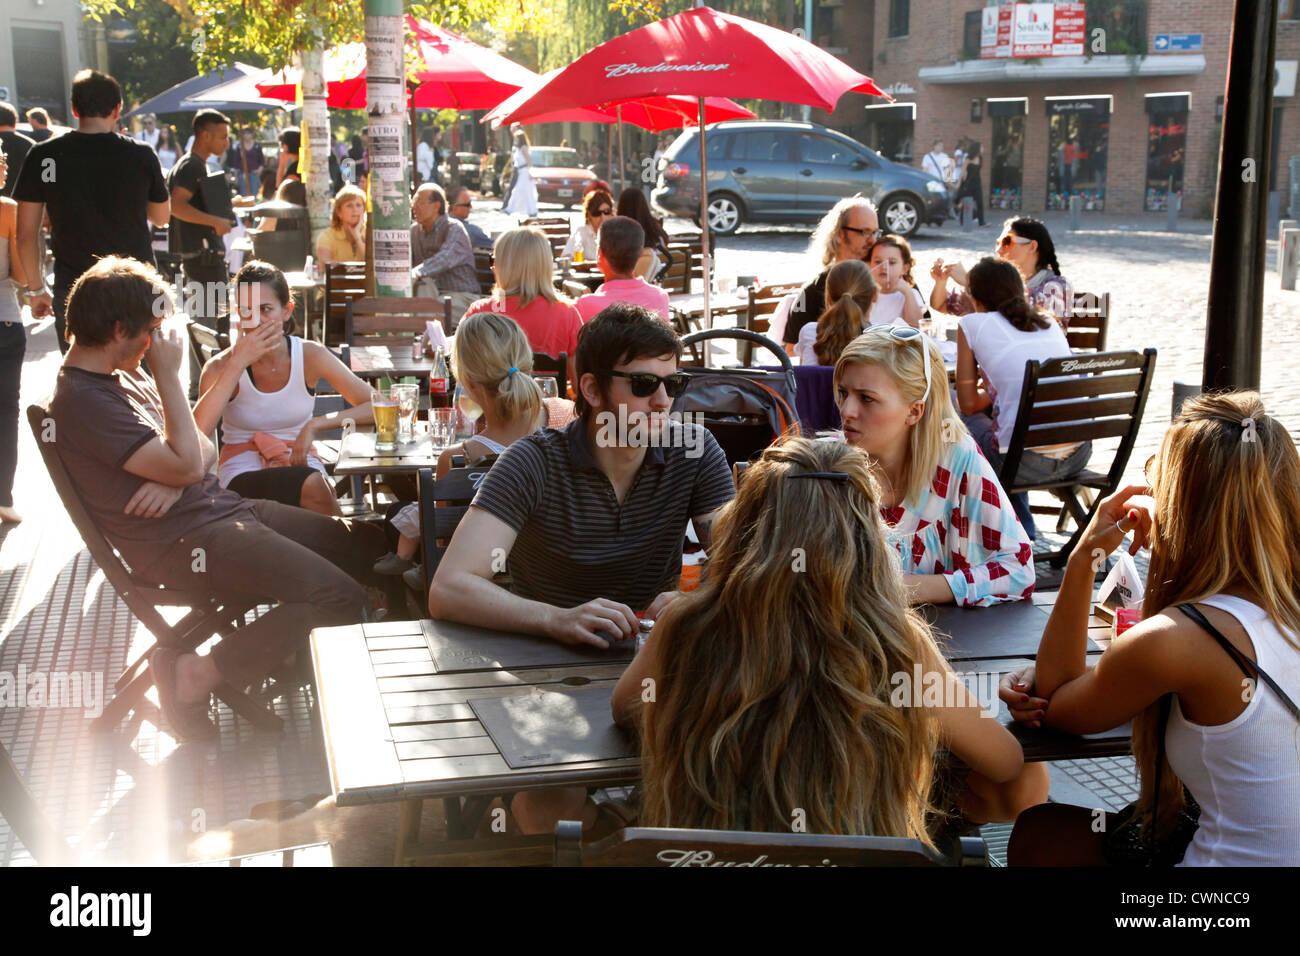 Gente sentada en un restaurante en la zona de Palermo Viejo, Buenos Aires, Argentina. Foto de stock